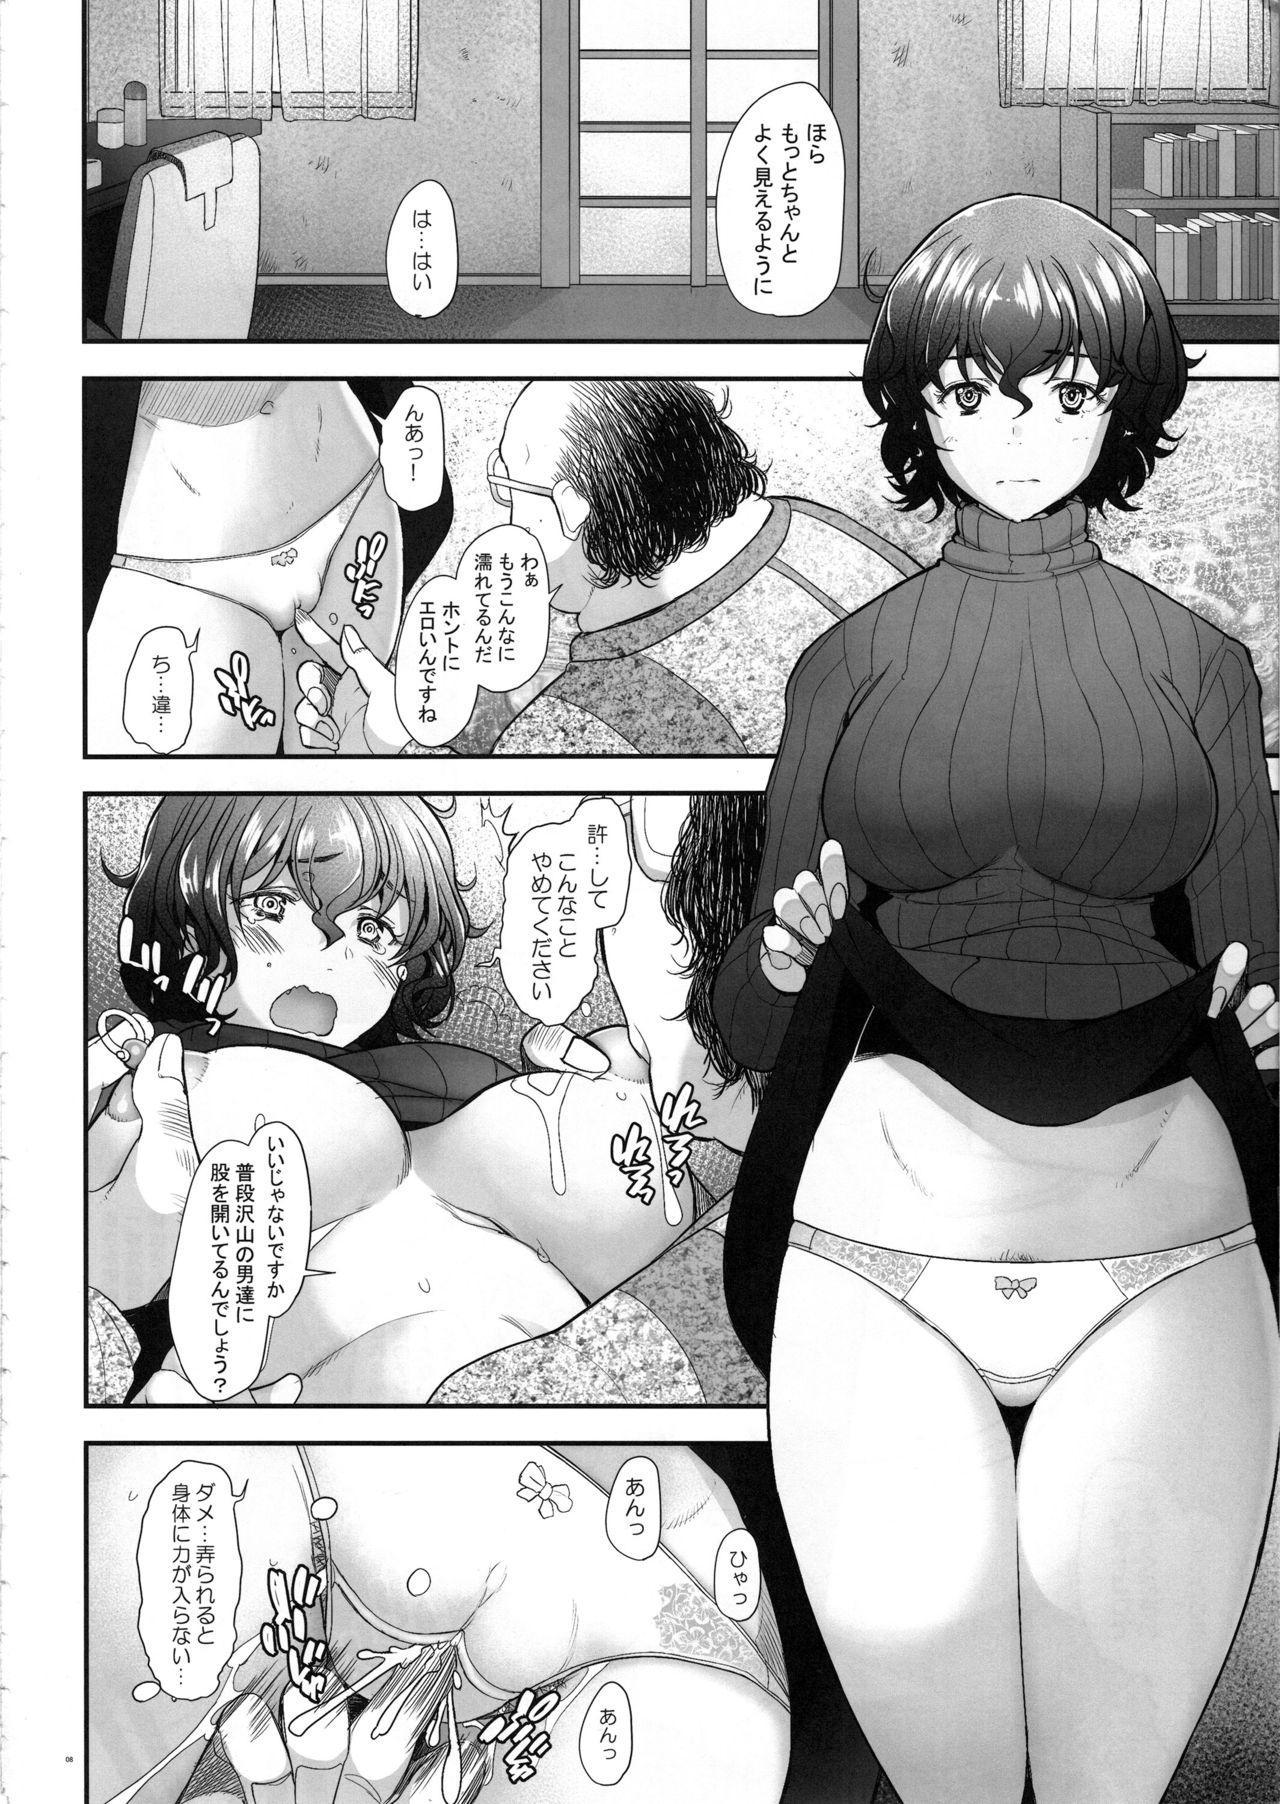 AV Shutsuen o Neta ni Odosarete Kimobuta ni Okasareru Rihatsuten no Hitozuma 6